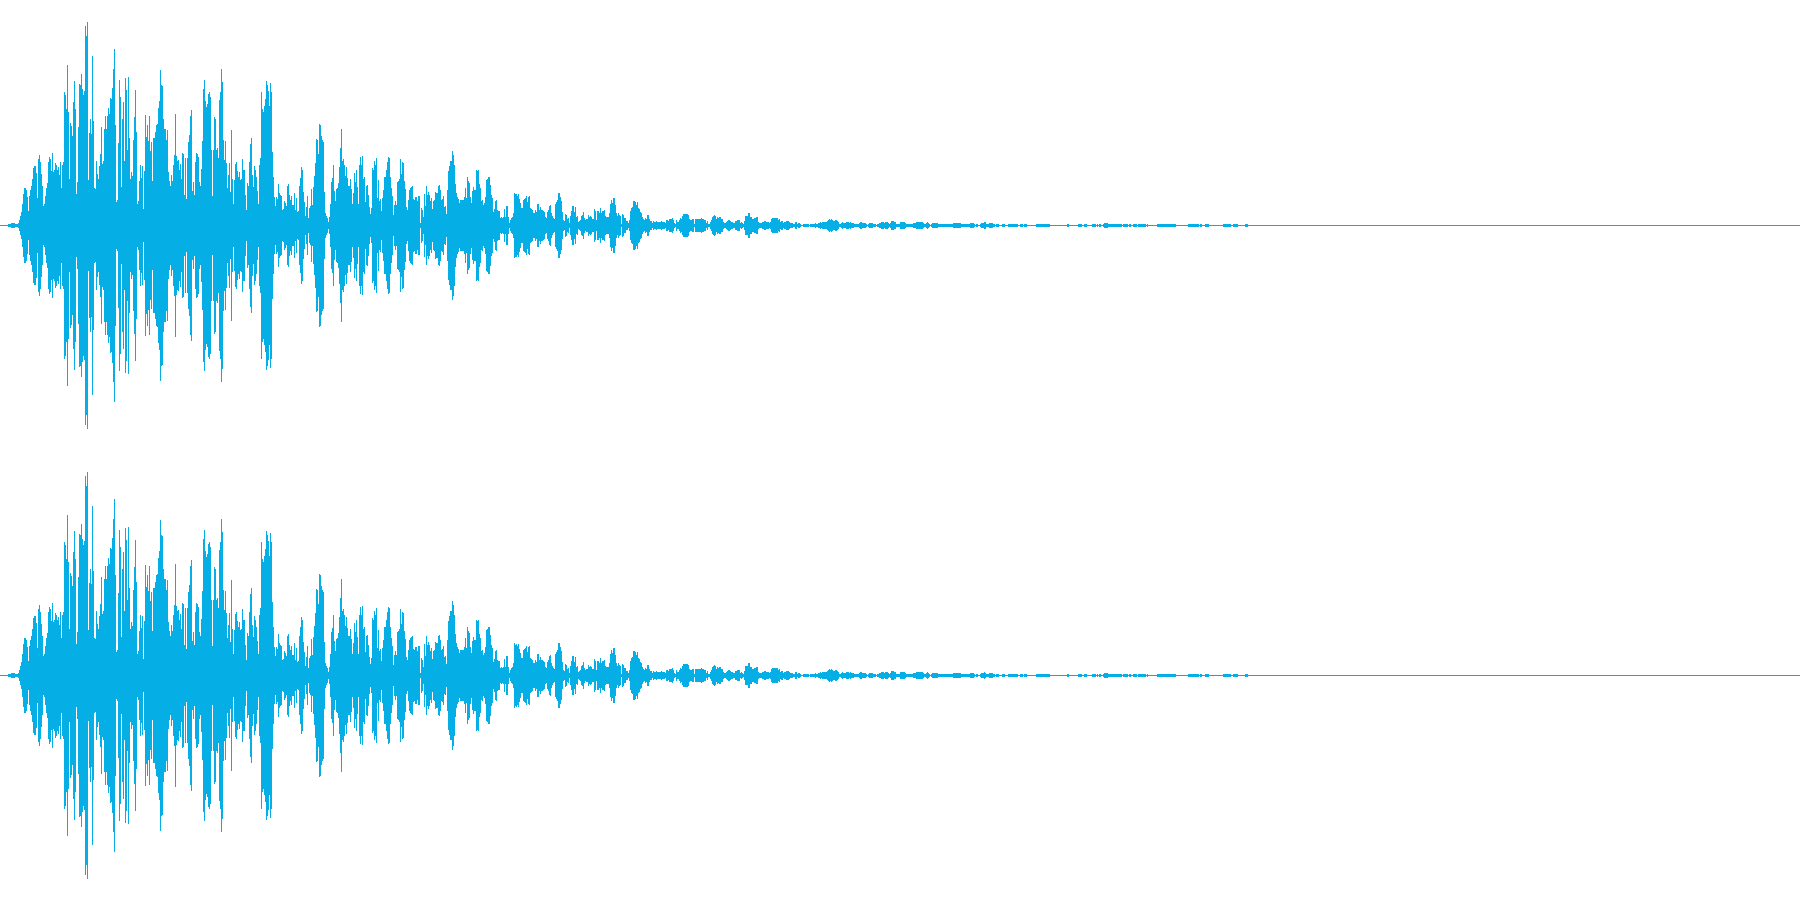 打撃(攻撃)を受け止めるイメージの再生済みの波形